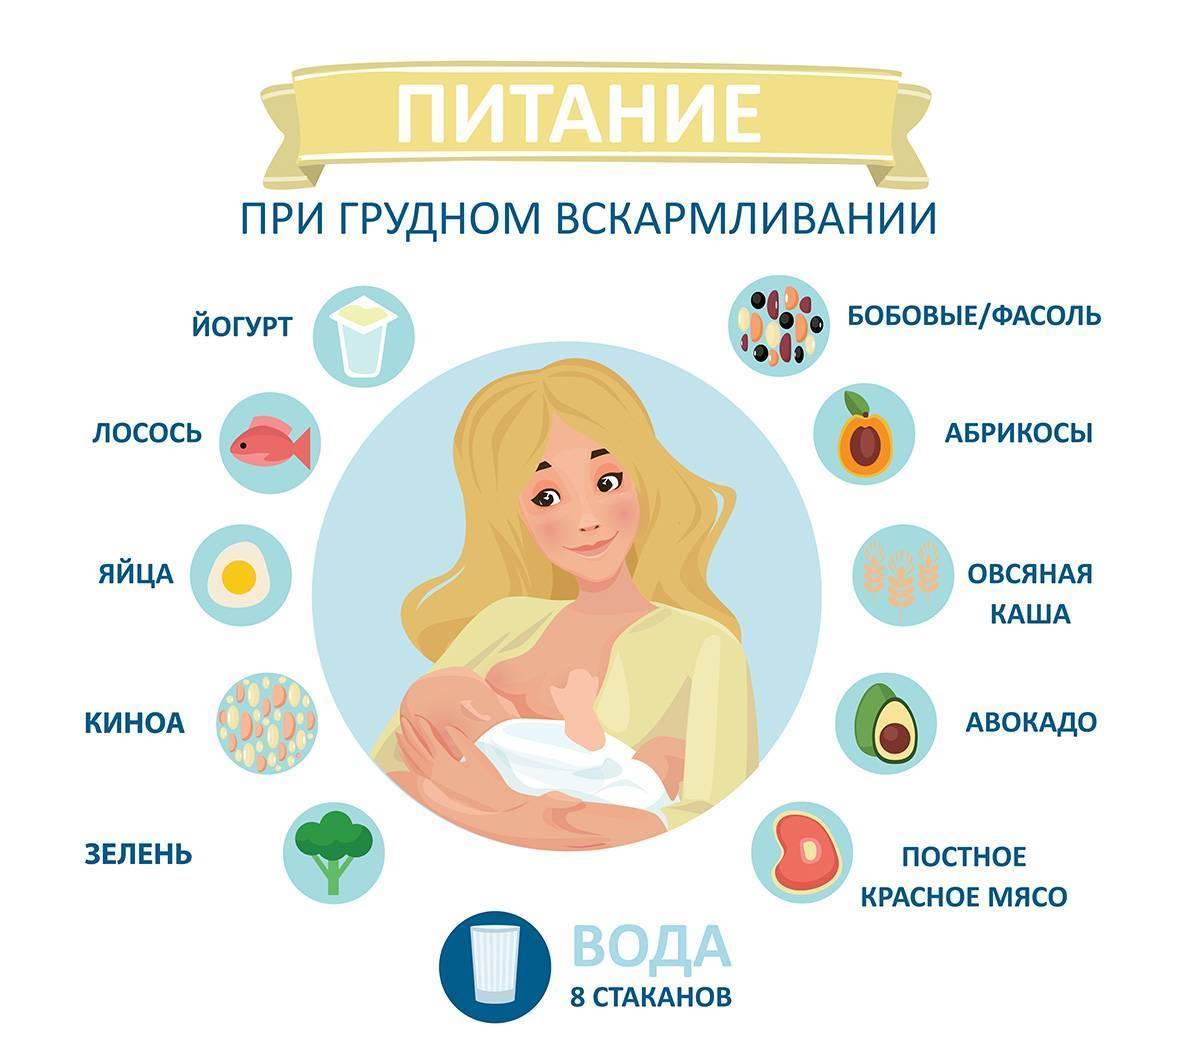 Список разрешенных и запрещенных продуктов при грудном вскармливании